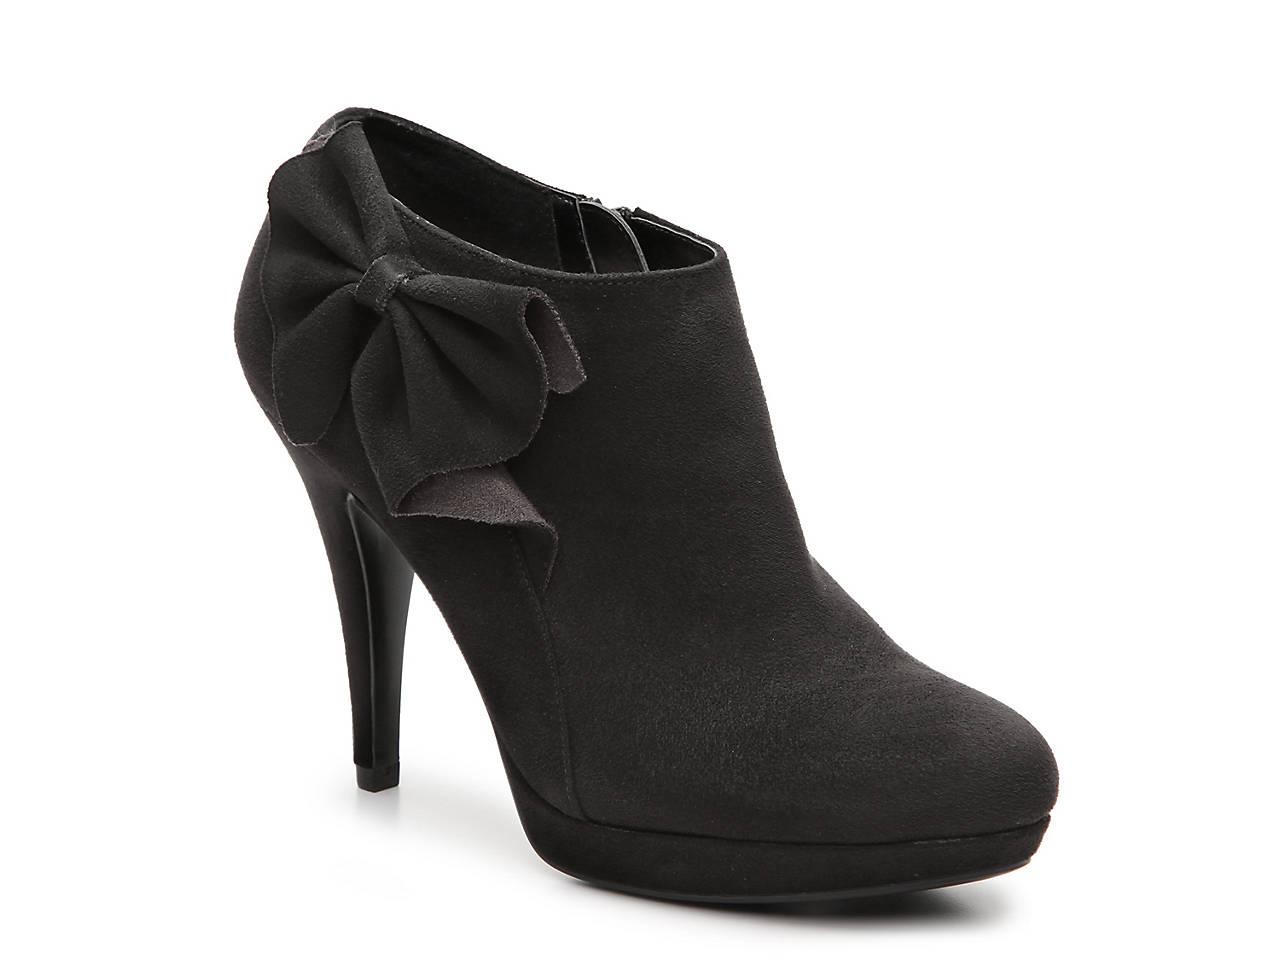 cd6d66d32bc06 Impo Panama Bootie Women's Shoes | DSW